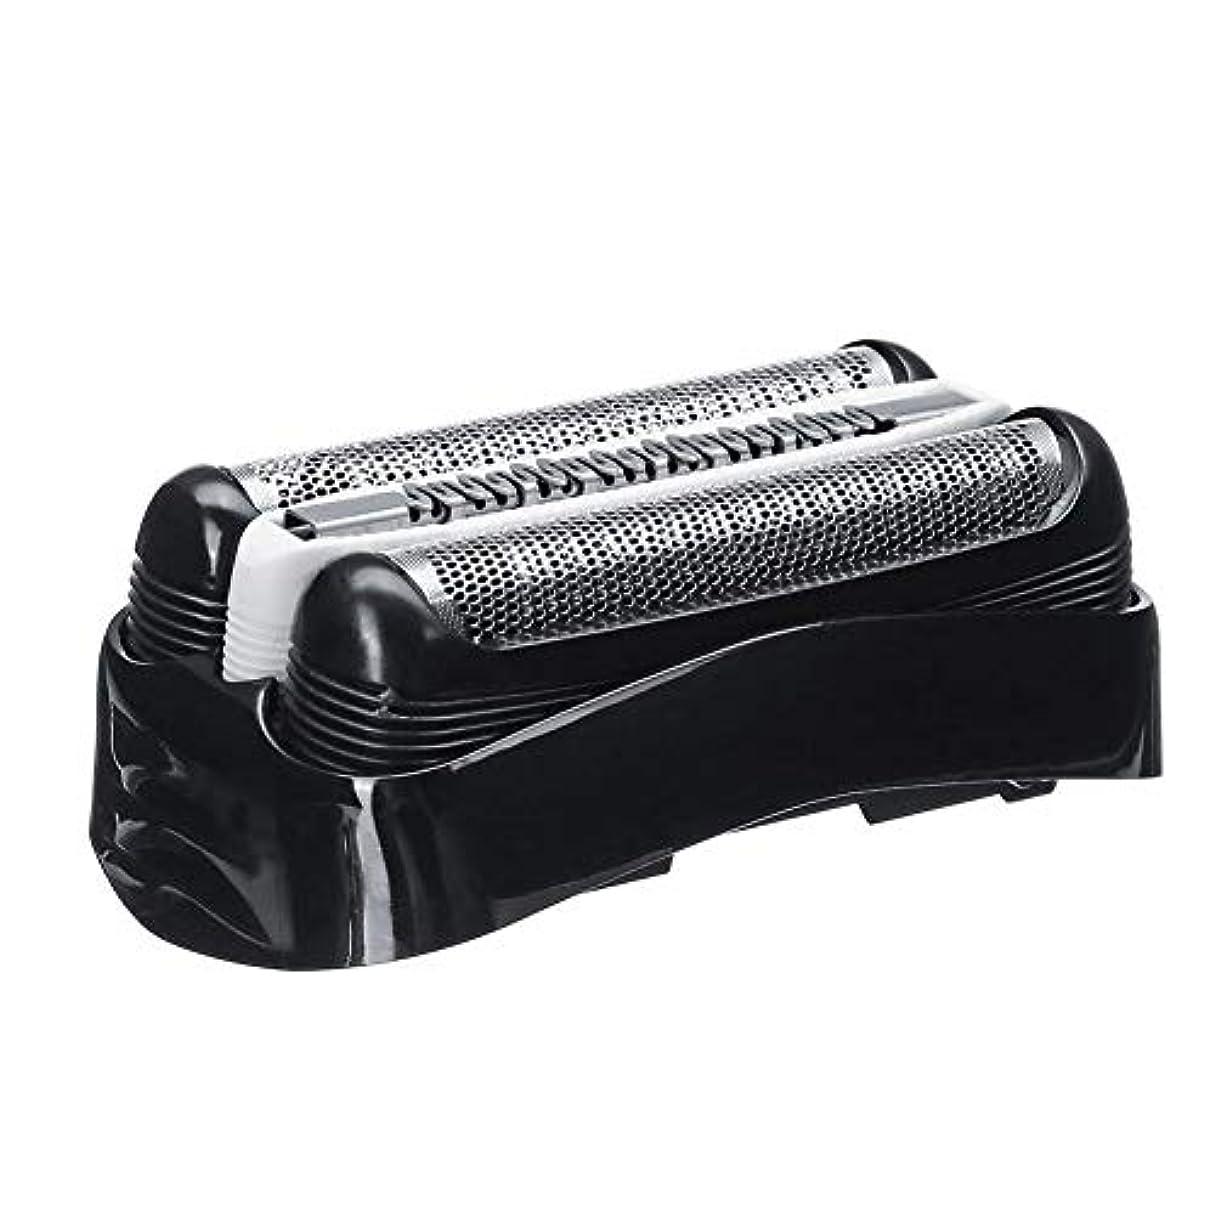 サーキットに行くポルノ寄託シェーバー替刃 メンズシェーバー用 セット刃 シェーバー交換部品 電気シェーバー交換ヘッドカミソリアクセサリ for Braun 3 series